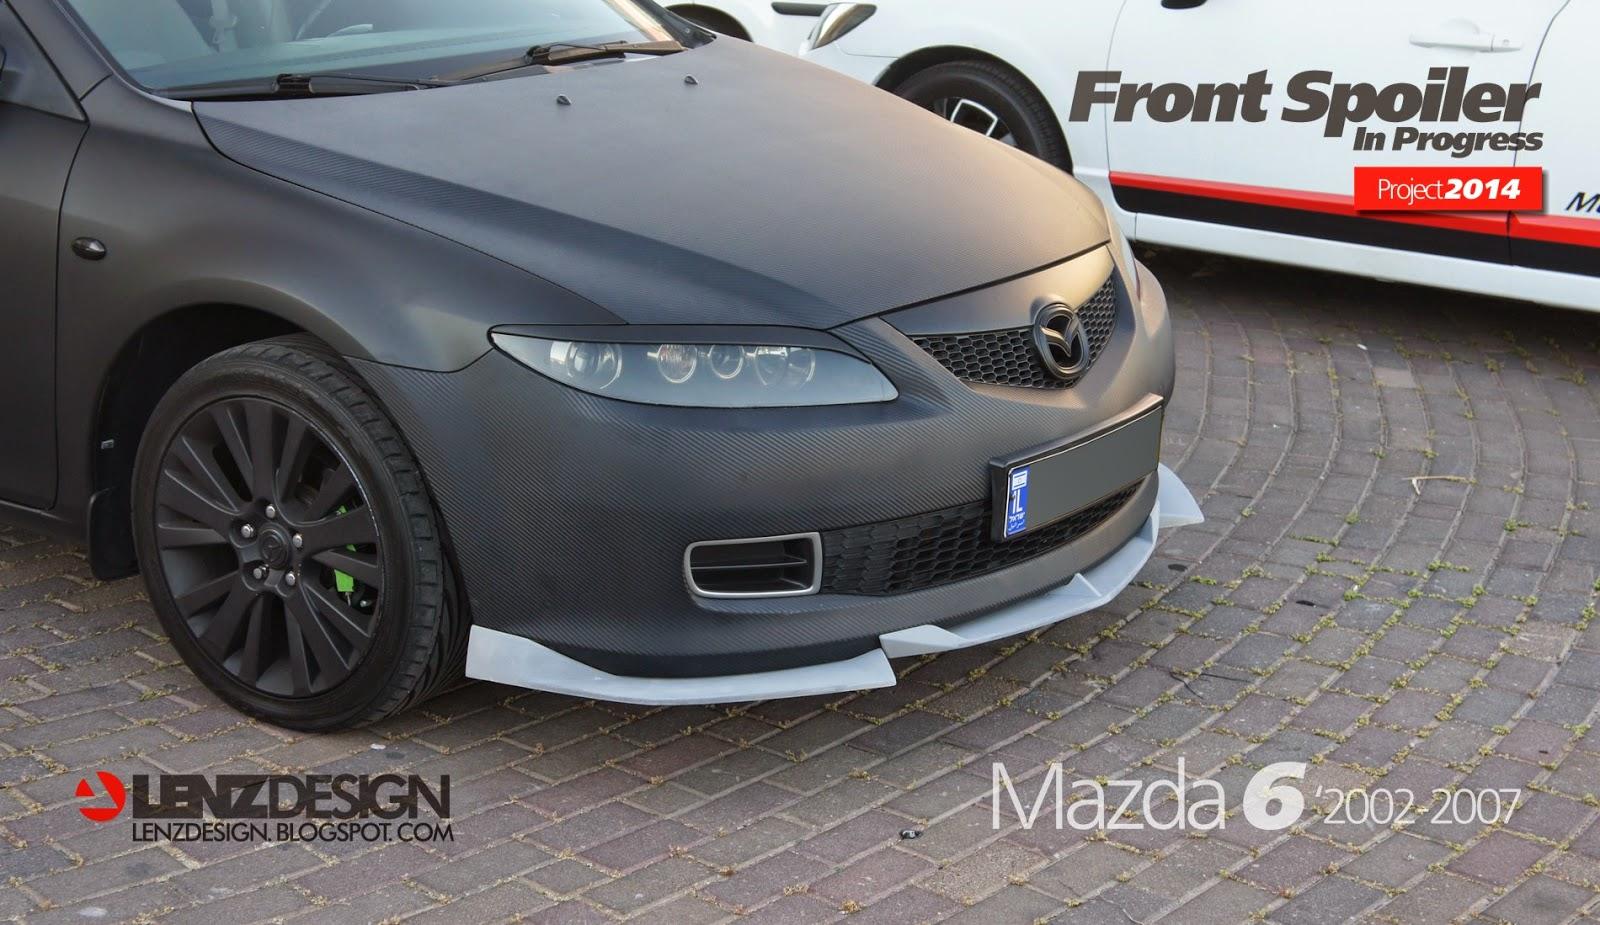 Mazda 6 2002 07 tuning body kit lenzdesign performance israel